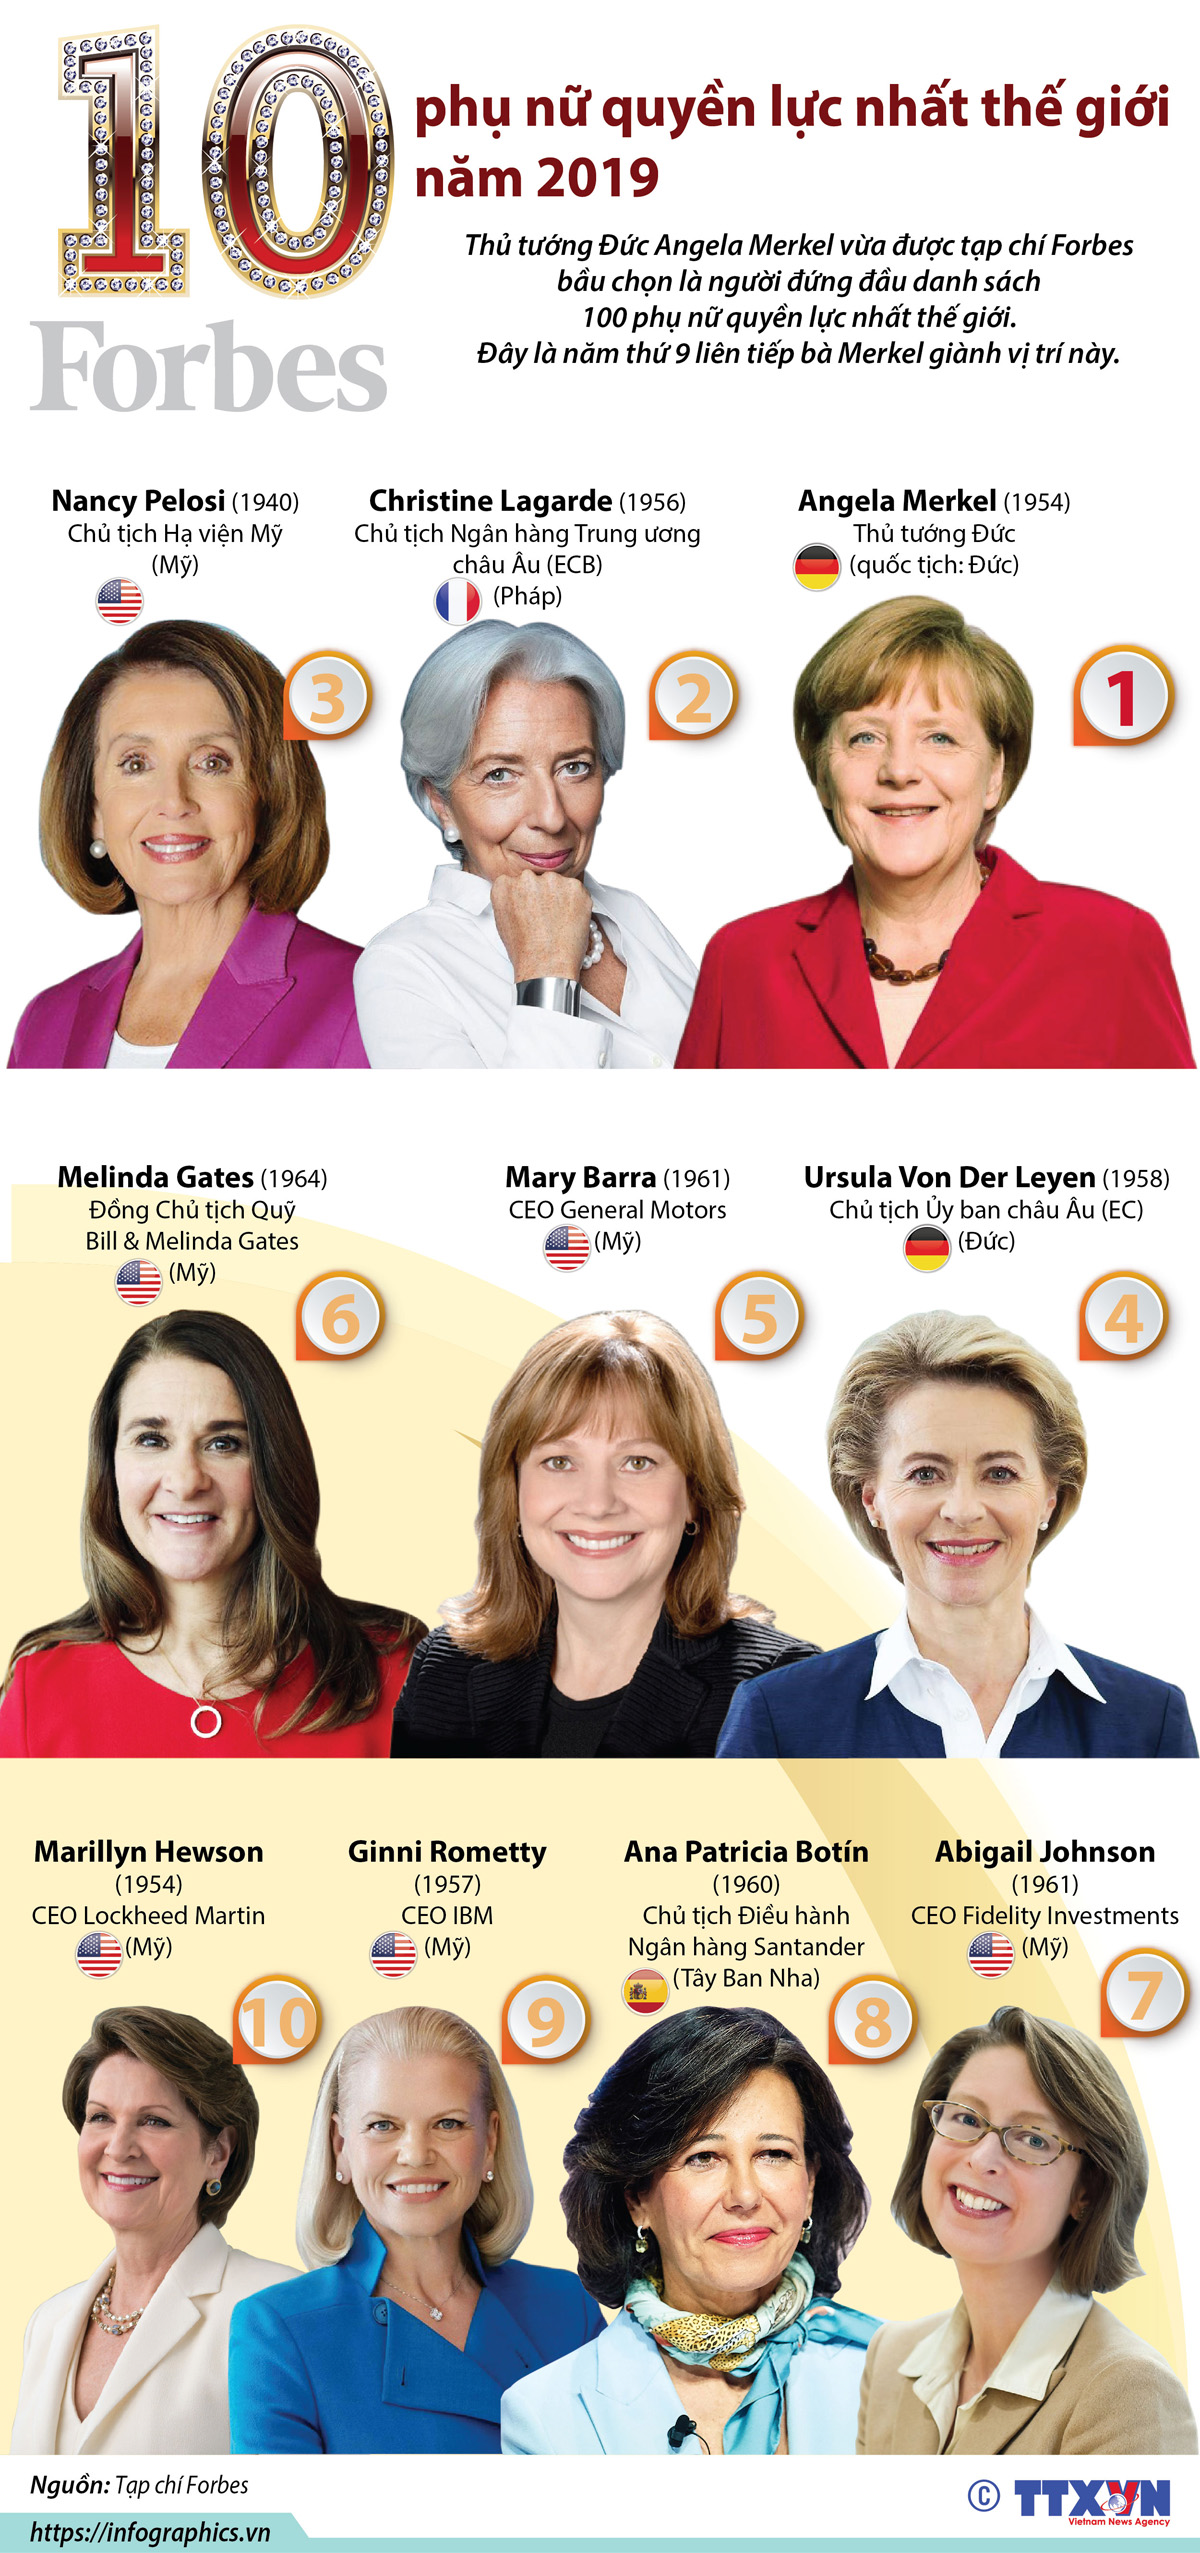 Thủ Tướng Đức, Angela Merkel, Tạp Chí Forbes, 100 Phụ Nữ Quyền Lực Nhất Thế Giới, Bầu Chọn